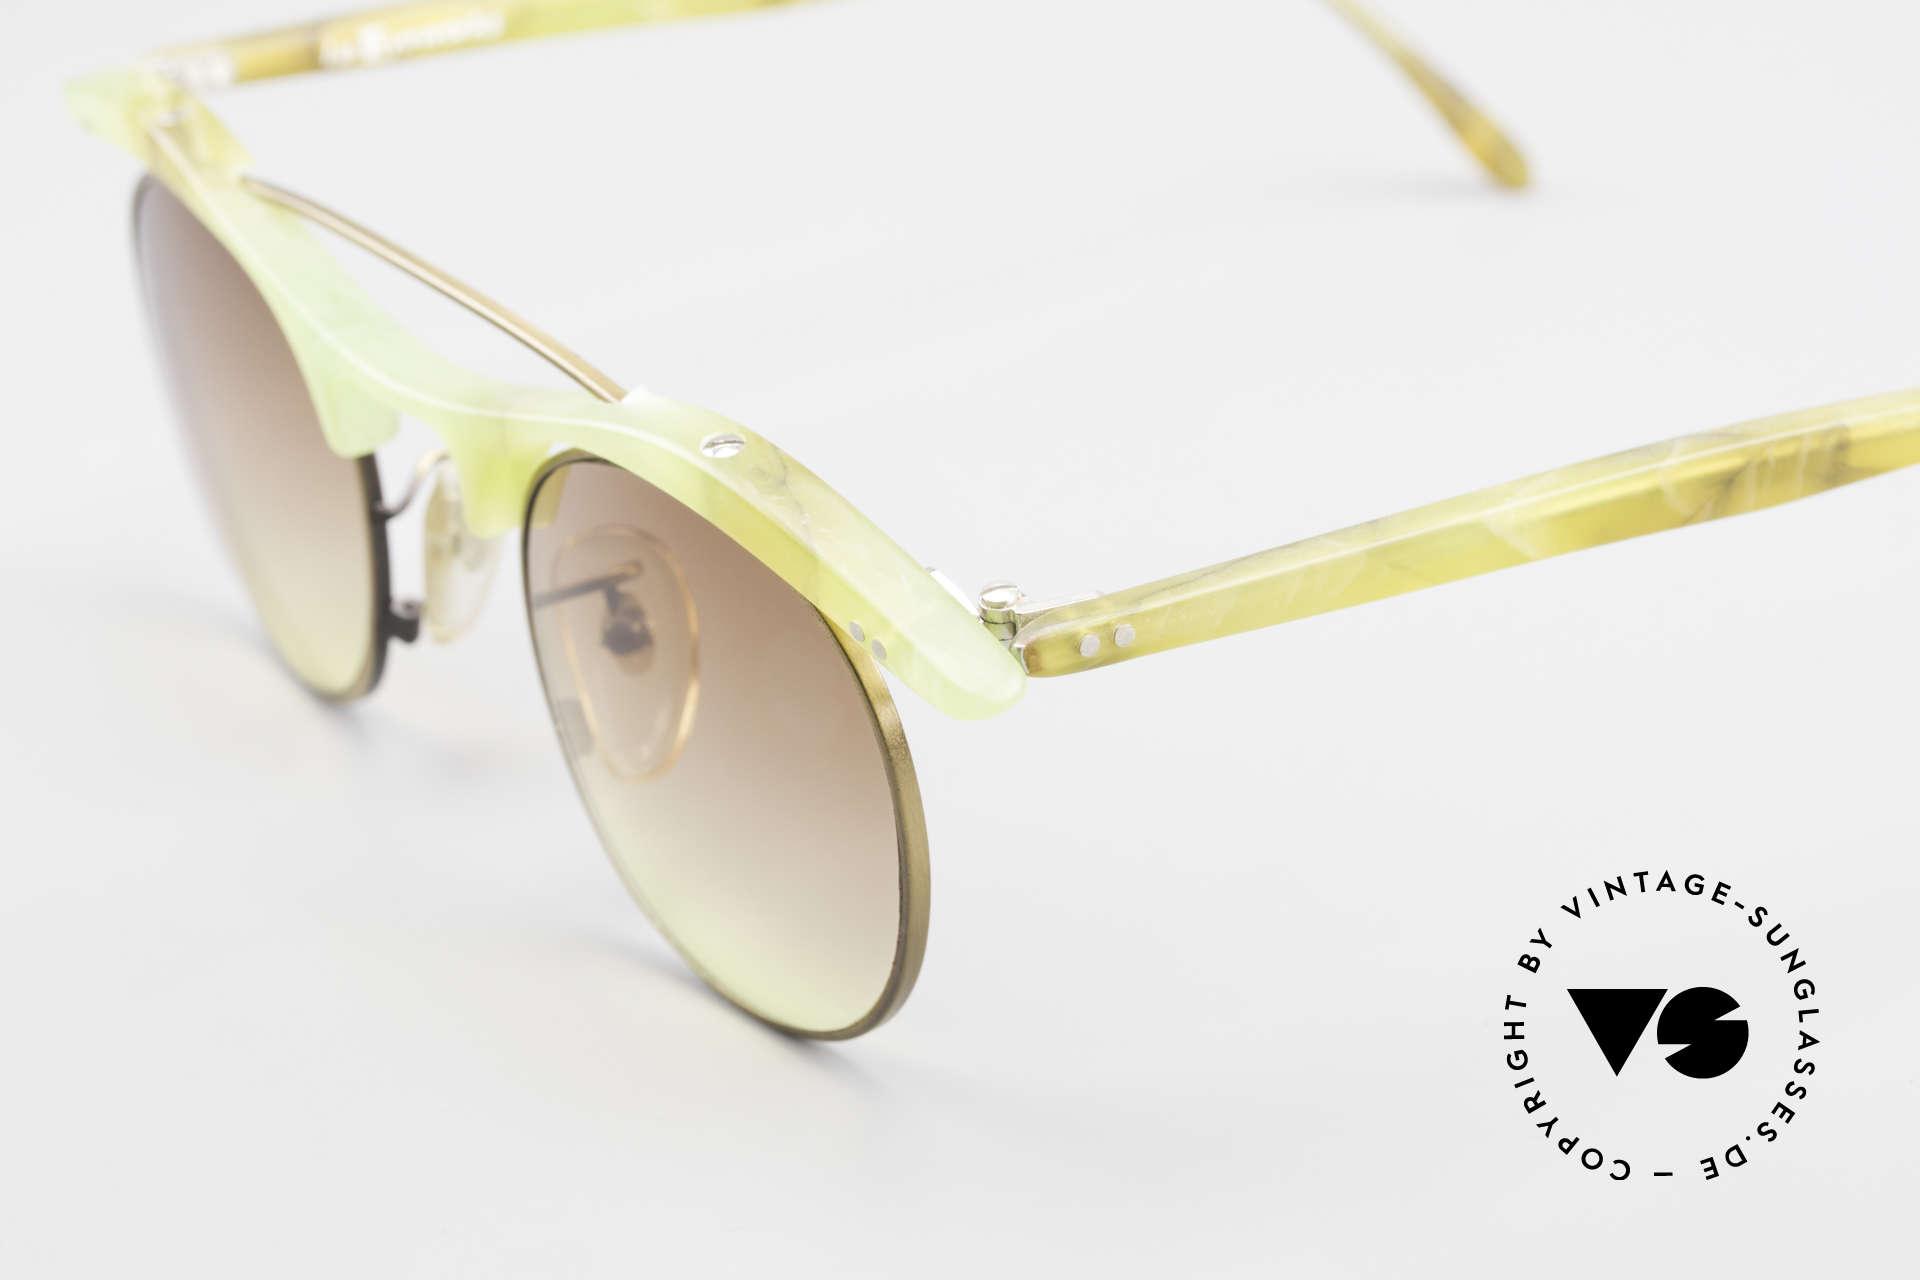 L.A. Eyeworks YANG 670 Vintage Sonnenbrille No Retro, KEINE Retromode; ein altes Original (Los Angeles '89), Passend für Herren und Damen